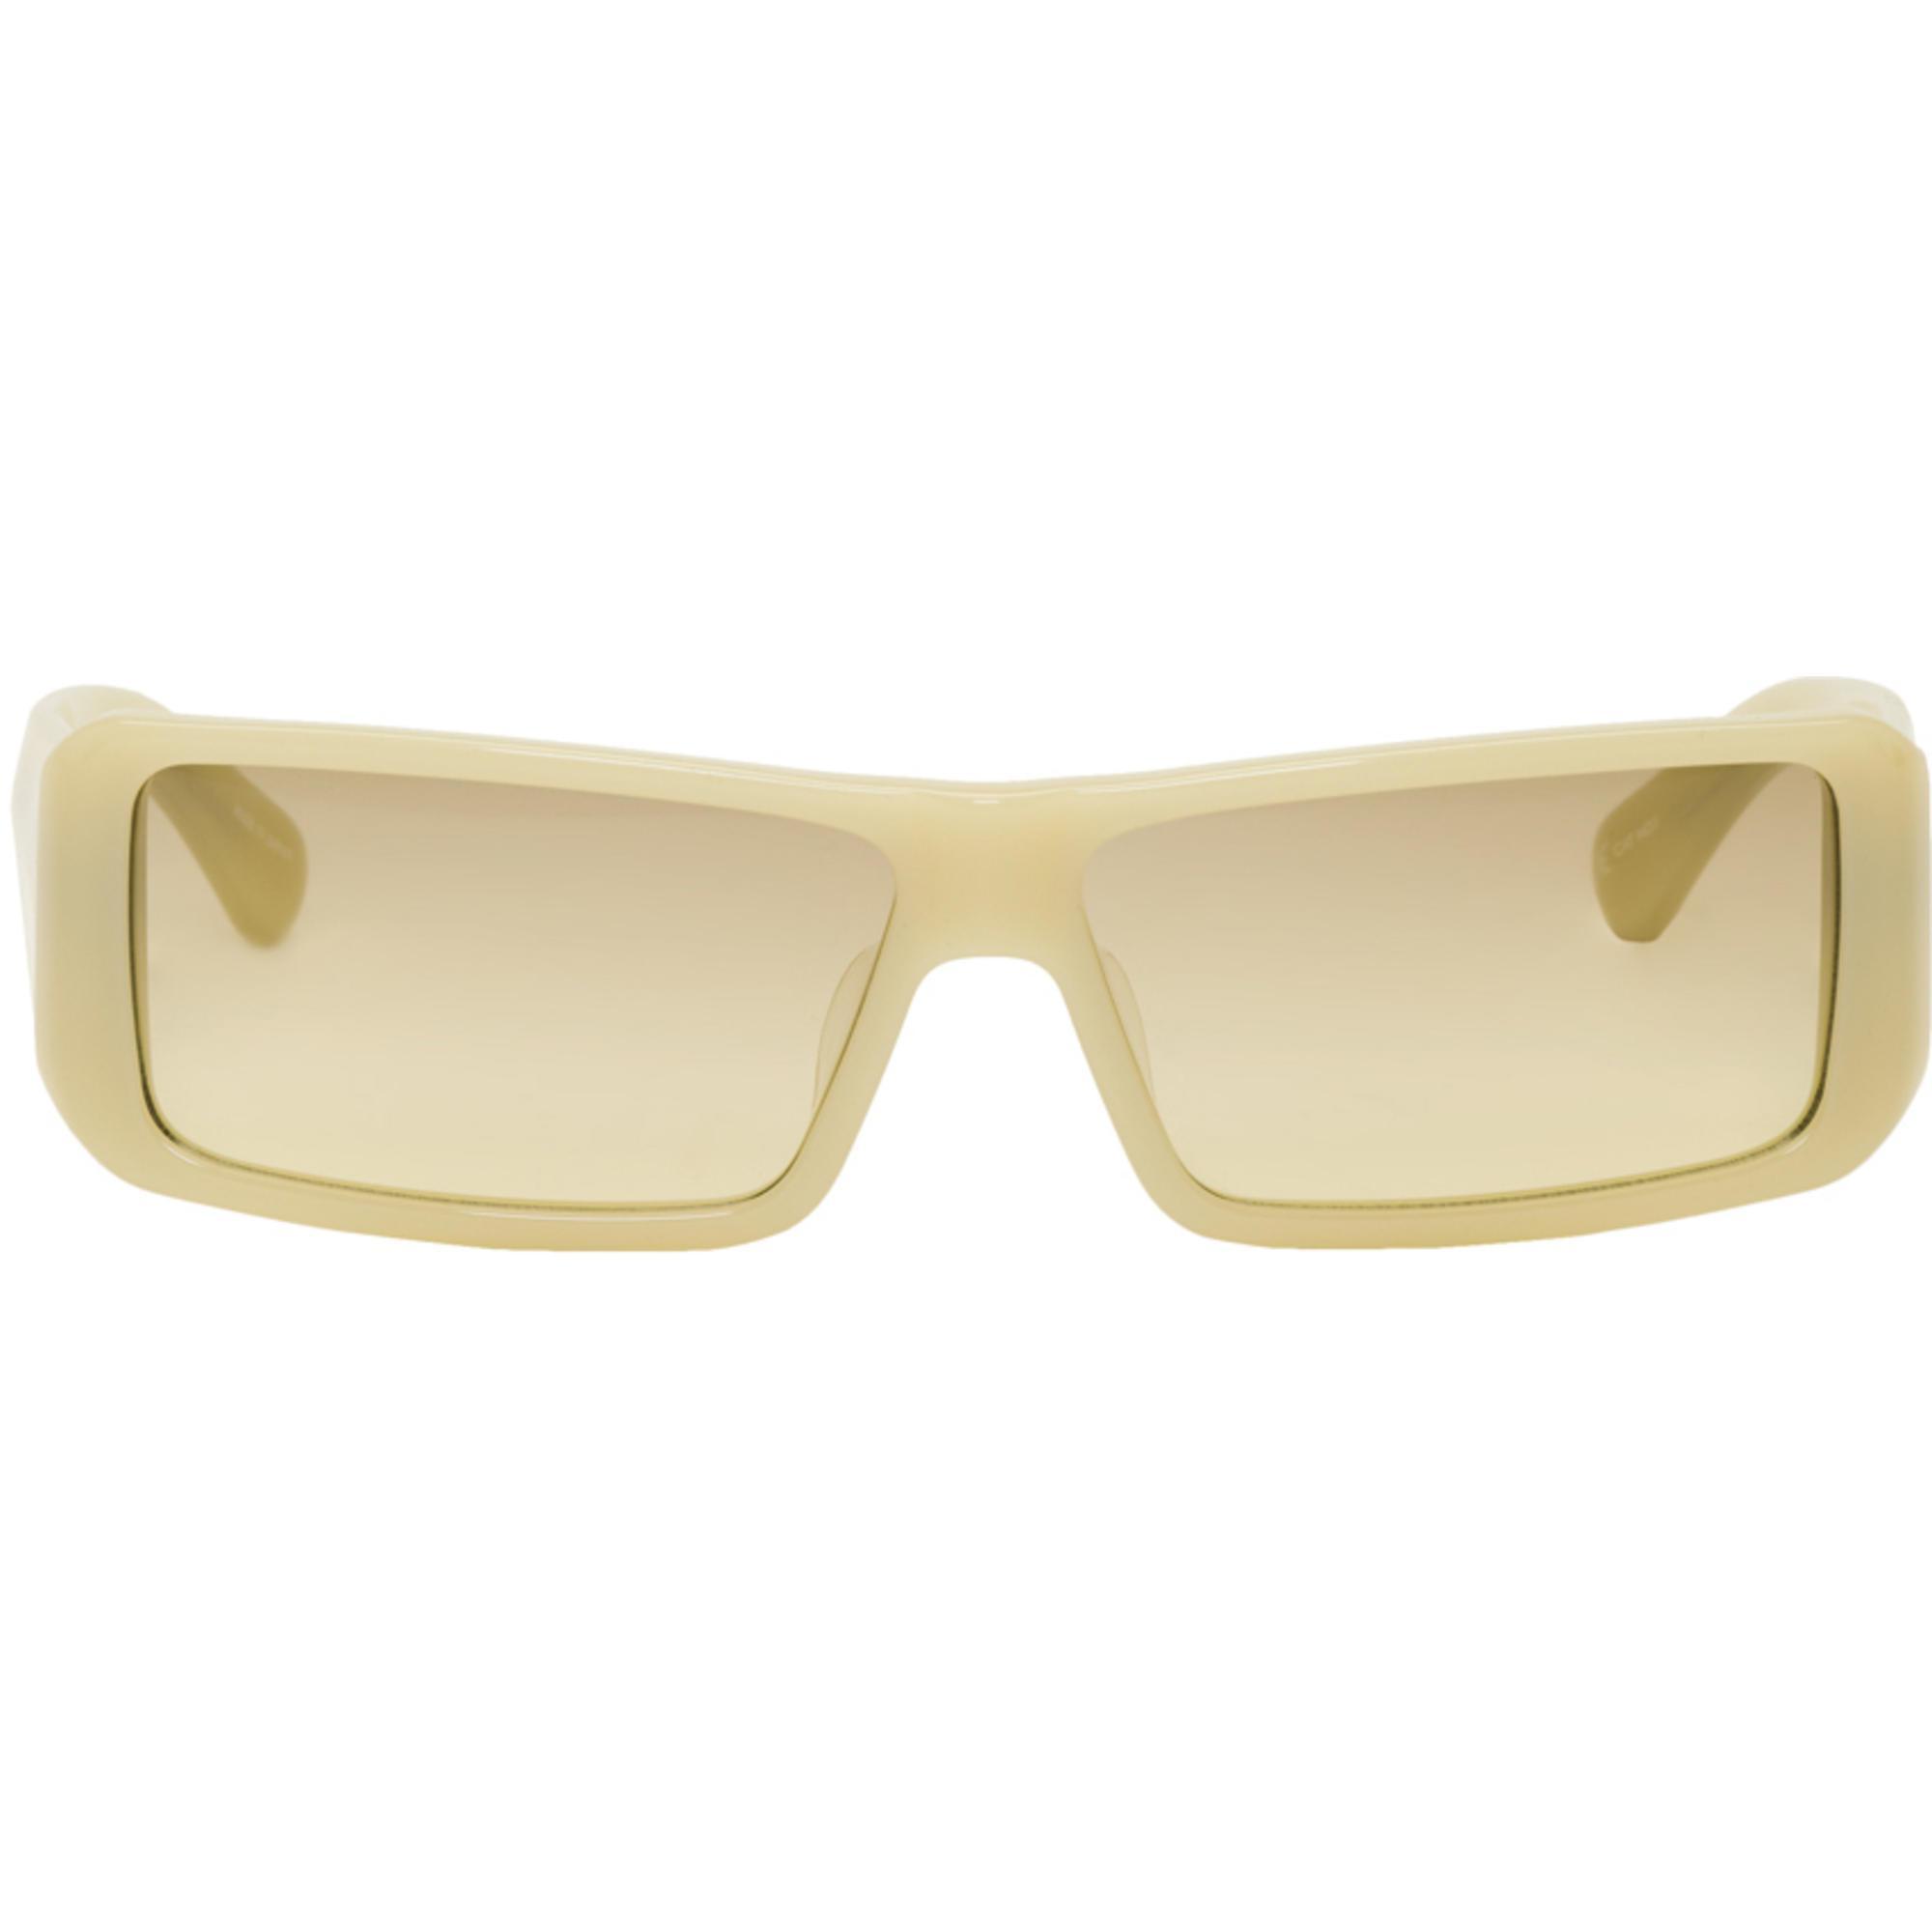 DRIES VAN NOTEN Green & Gold 173 C4 Sunglasses OTRYc3